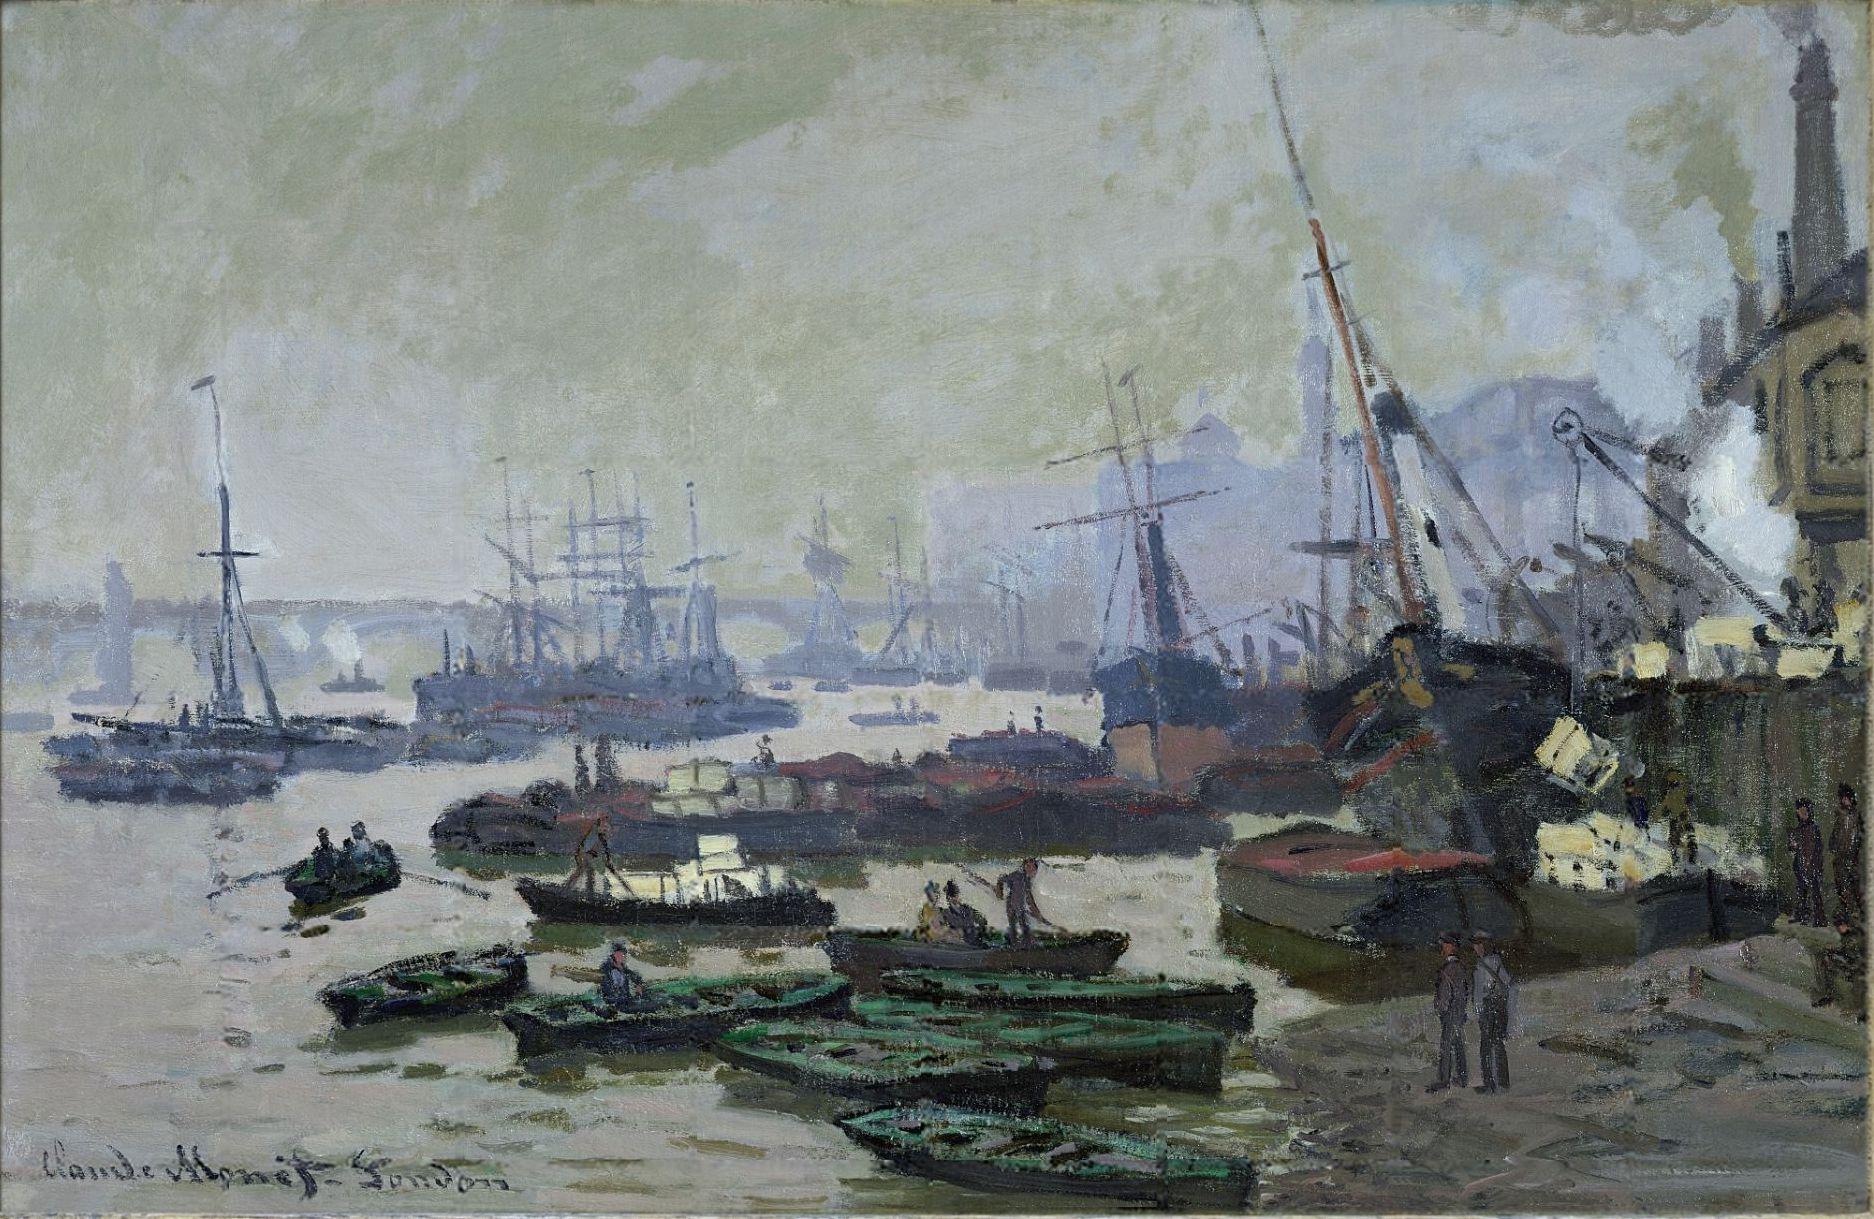 Artworks by Oscar Claude Monet (1 часть) (351 работ) » Страница 10 »  Картины, художники, фотографы на Nevsepic